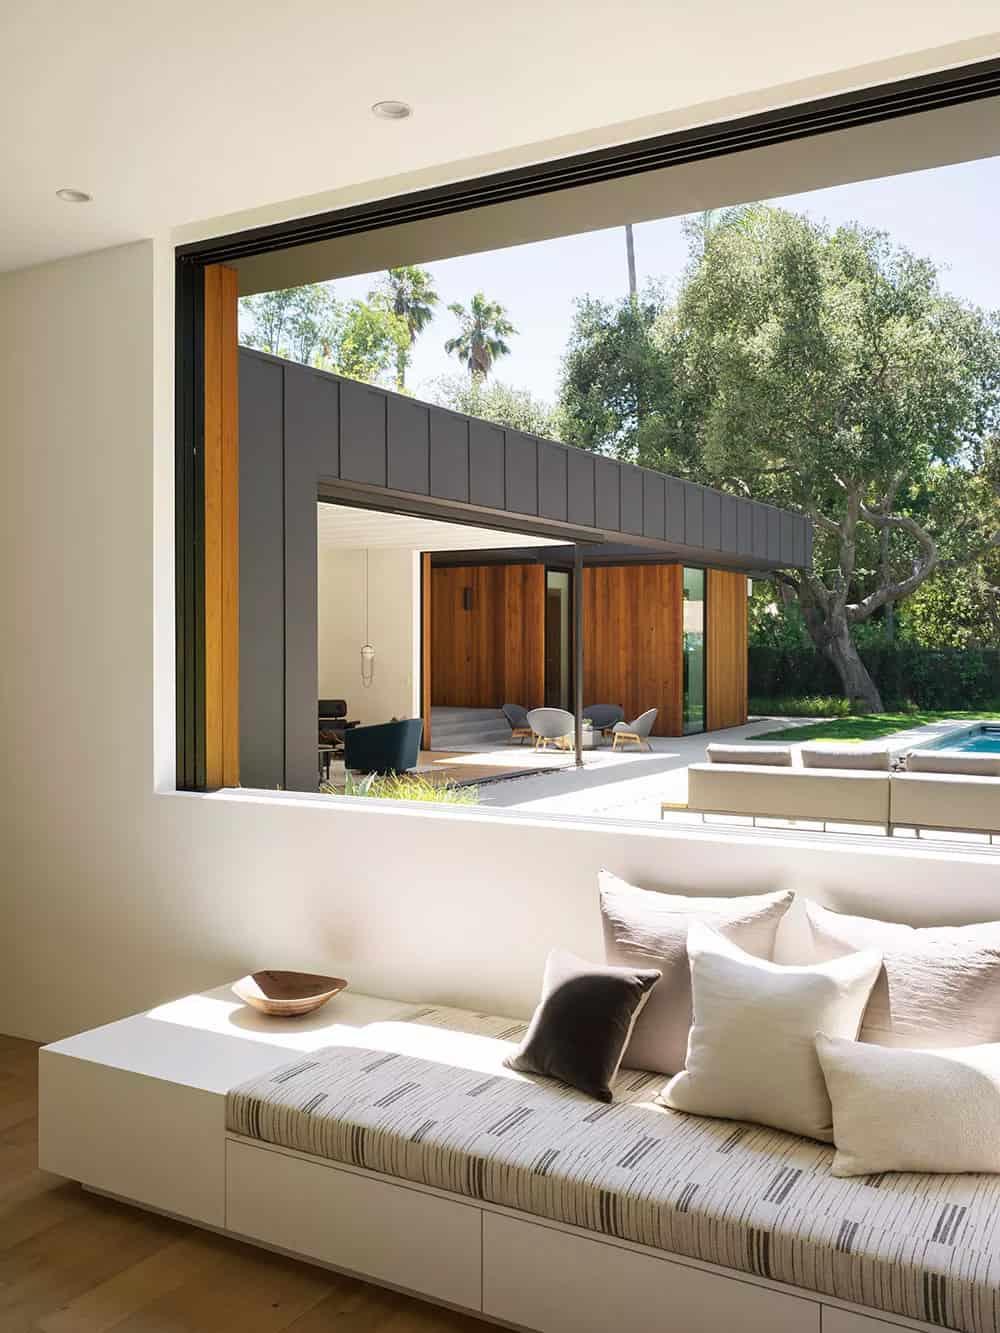 moderna-glavna-spavaća soba-prozor-sjedalo-s-pogledom-na-kamin-područje-i-bazen